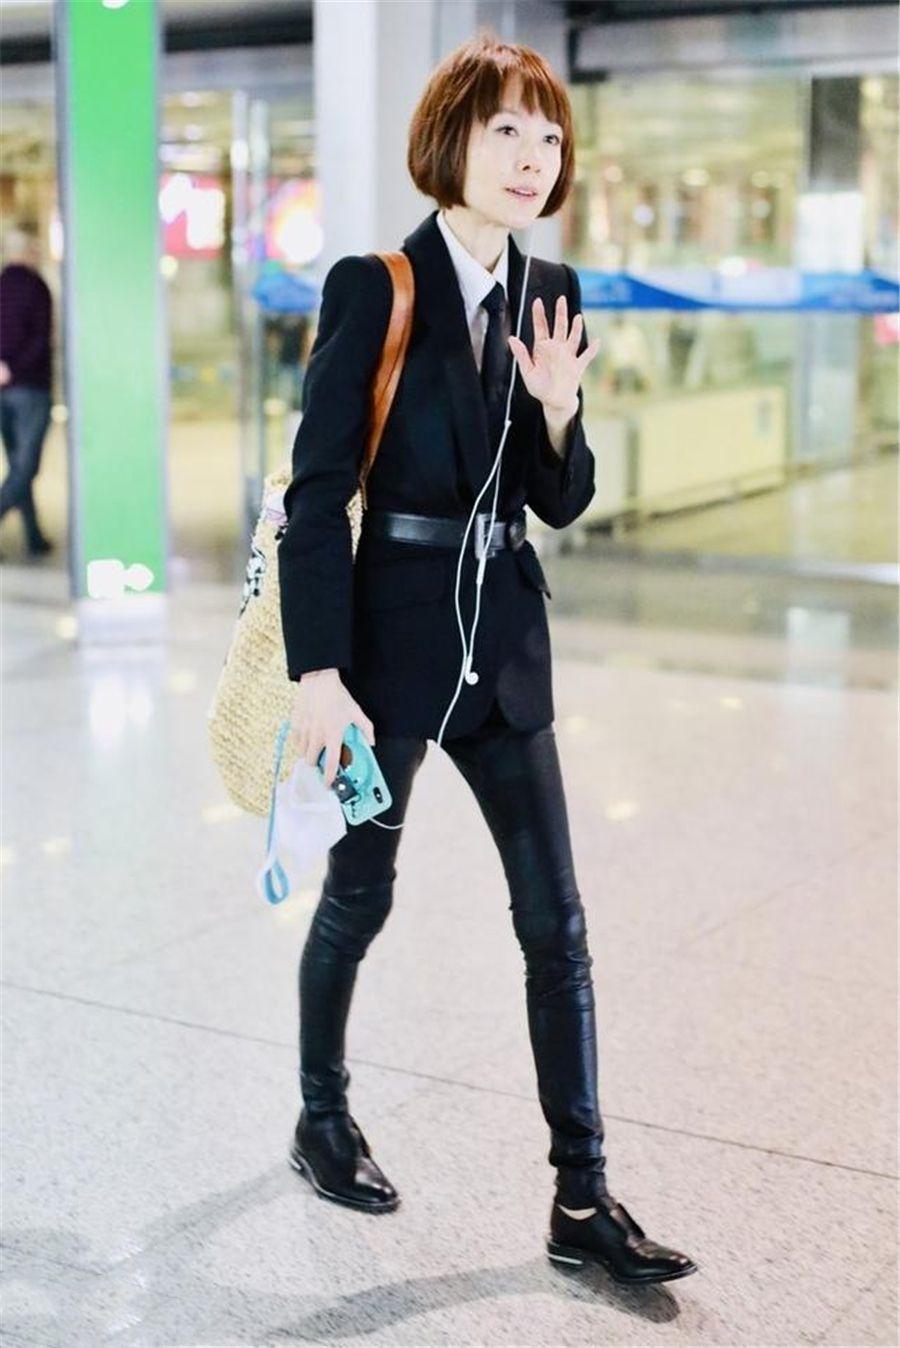 原创             鲁豫穿西装配皮裤现身,比起没时尚感的穿搭,清瘦的身材更抢镜!